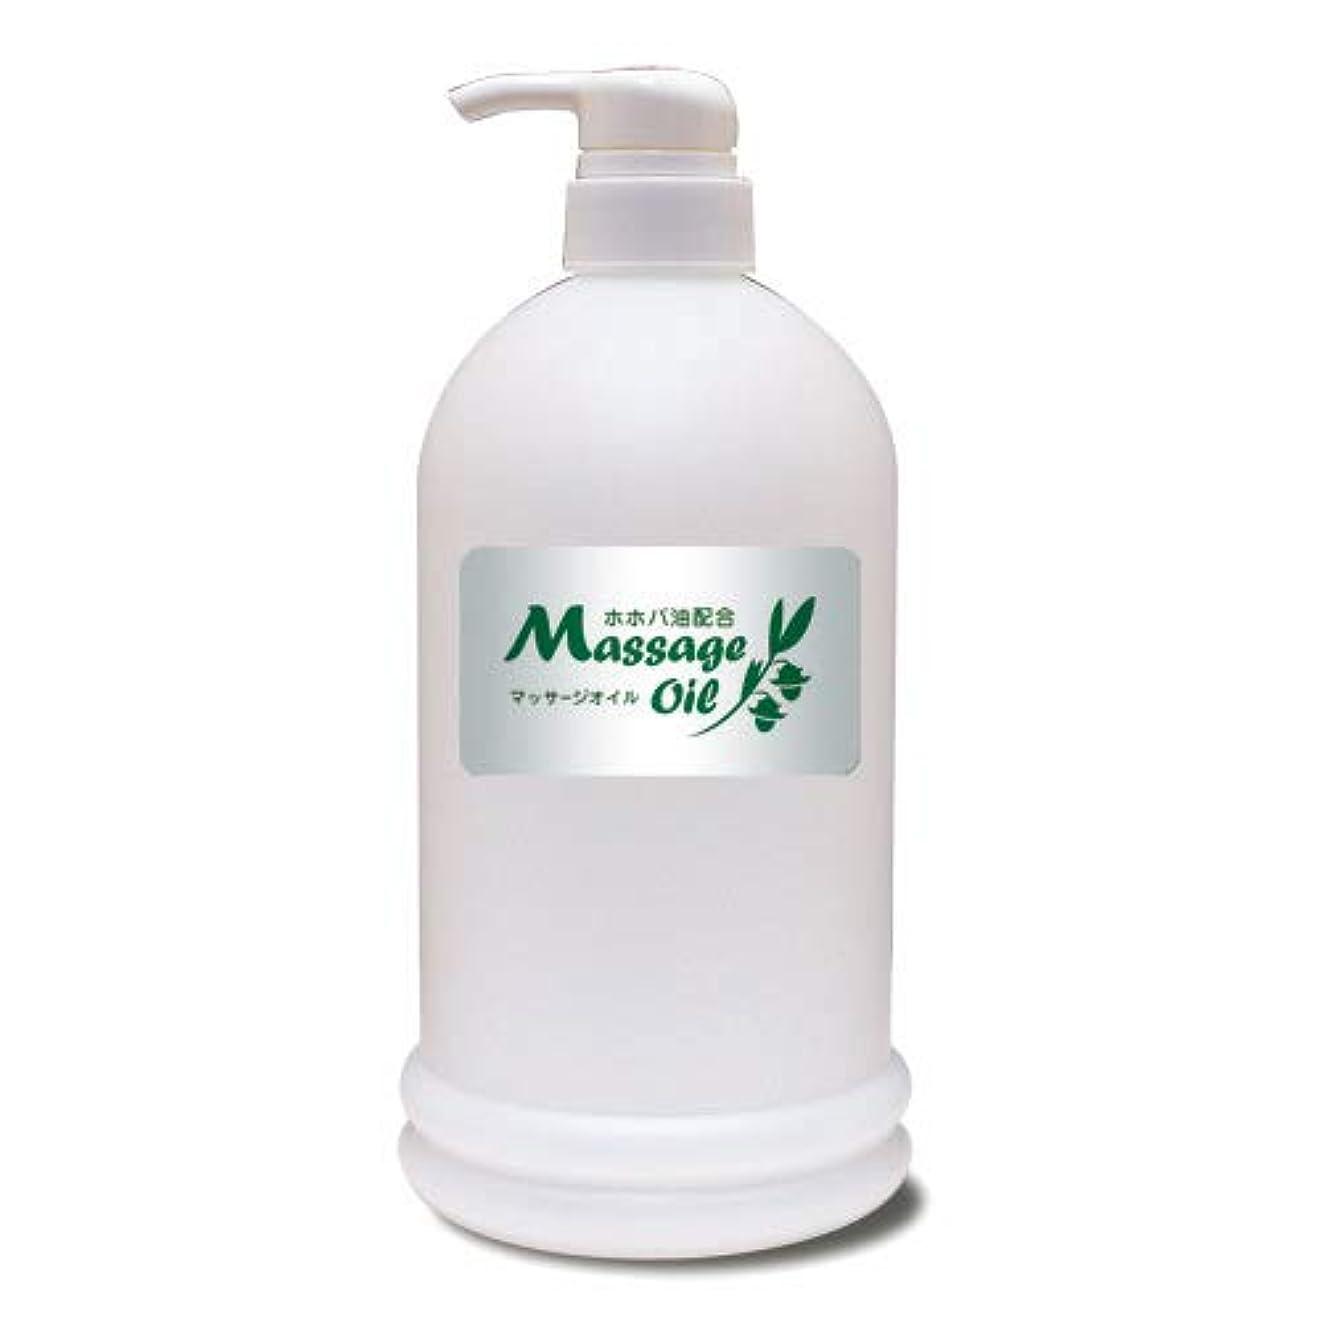 シーン熱望するメジャーホホバ油配合マッサージオイル 1Lボトル│エステ店御用達のプロ仕様業務用マッサージオイル 大容量 ホホバオイル